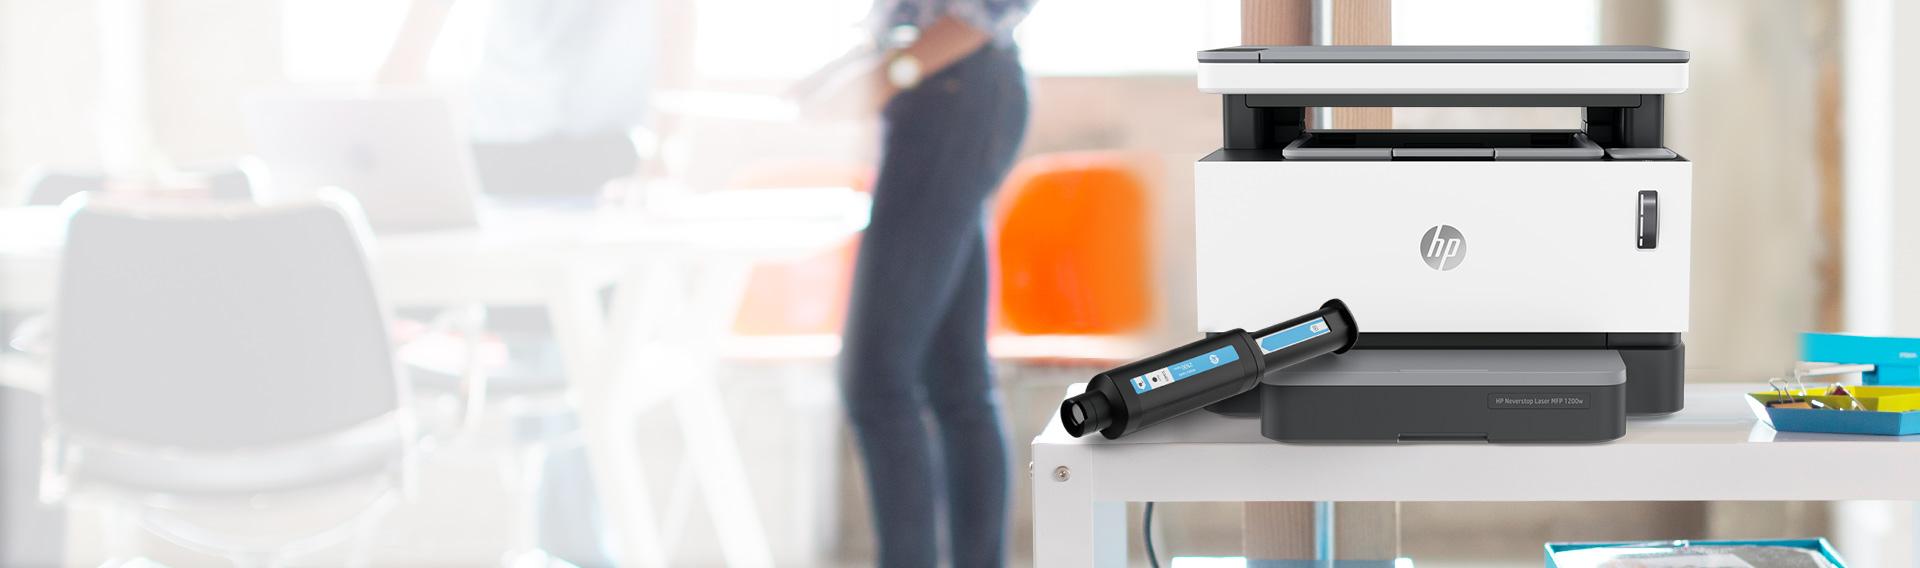 HP NEVERSTOP LASER. Ahorra hasta 10%*. La impresora láser con tanque de tóner recargable.